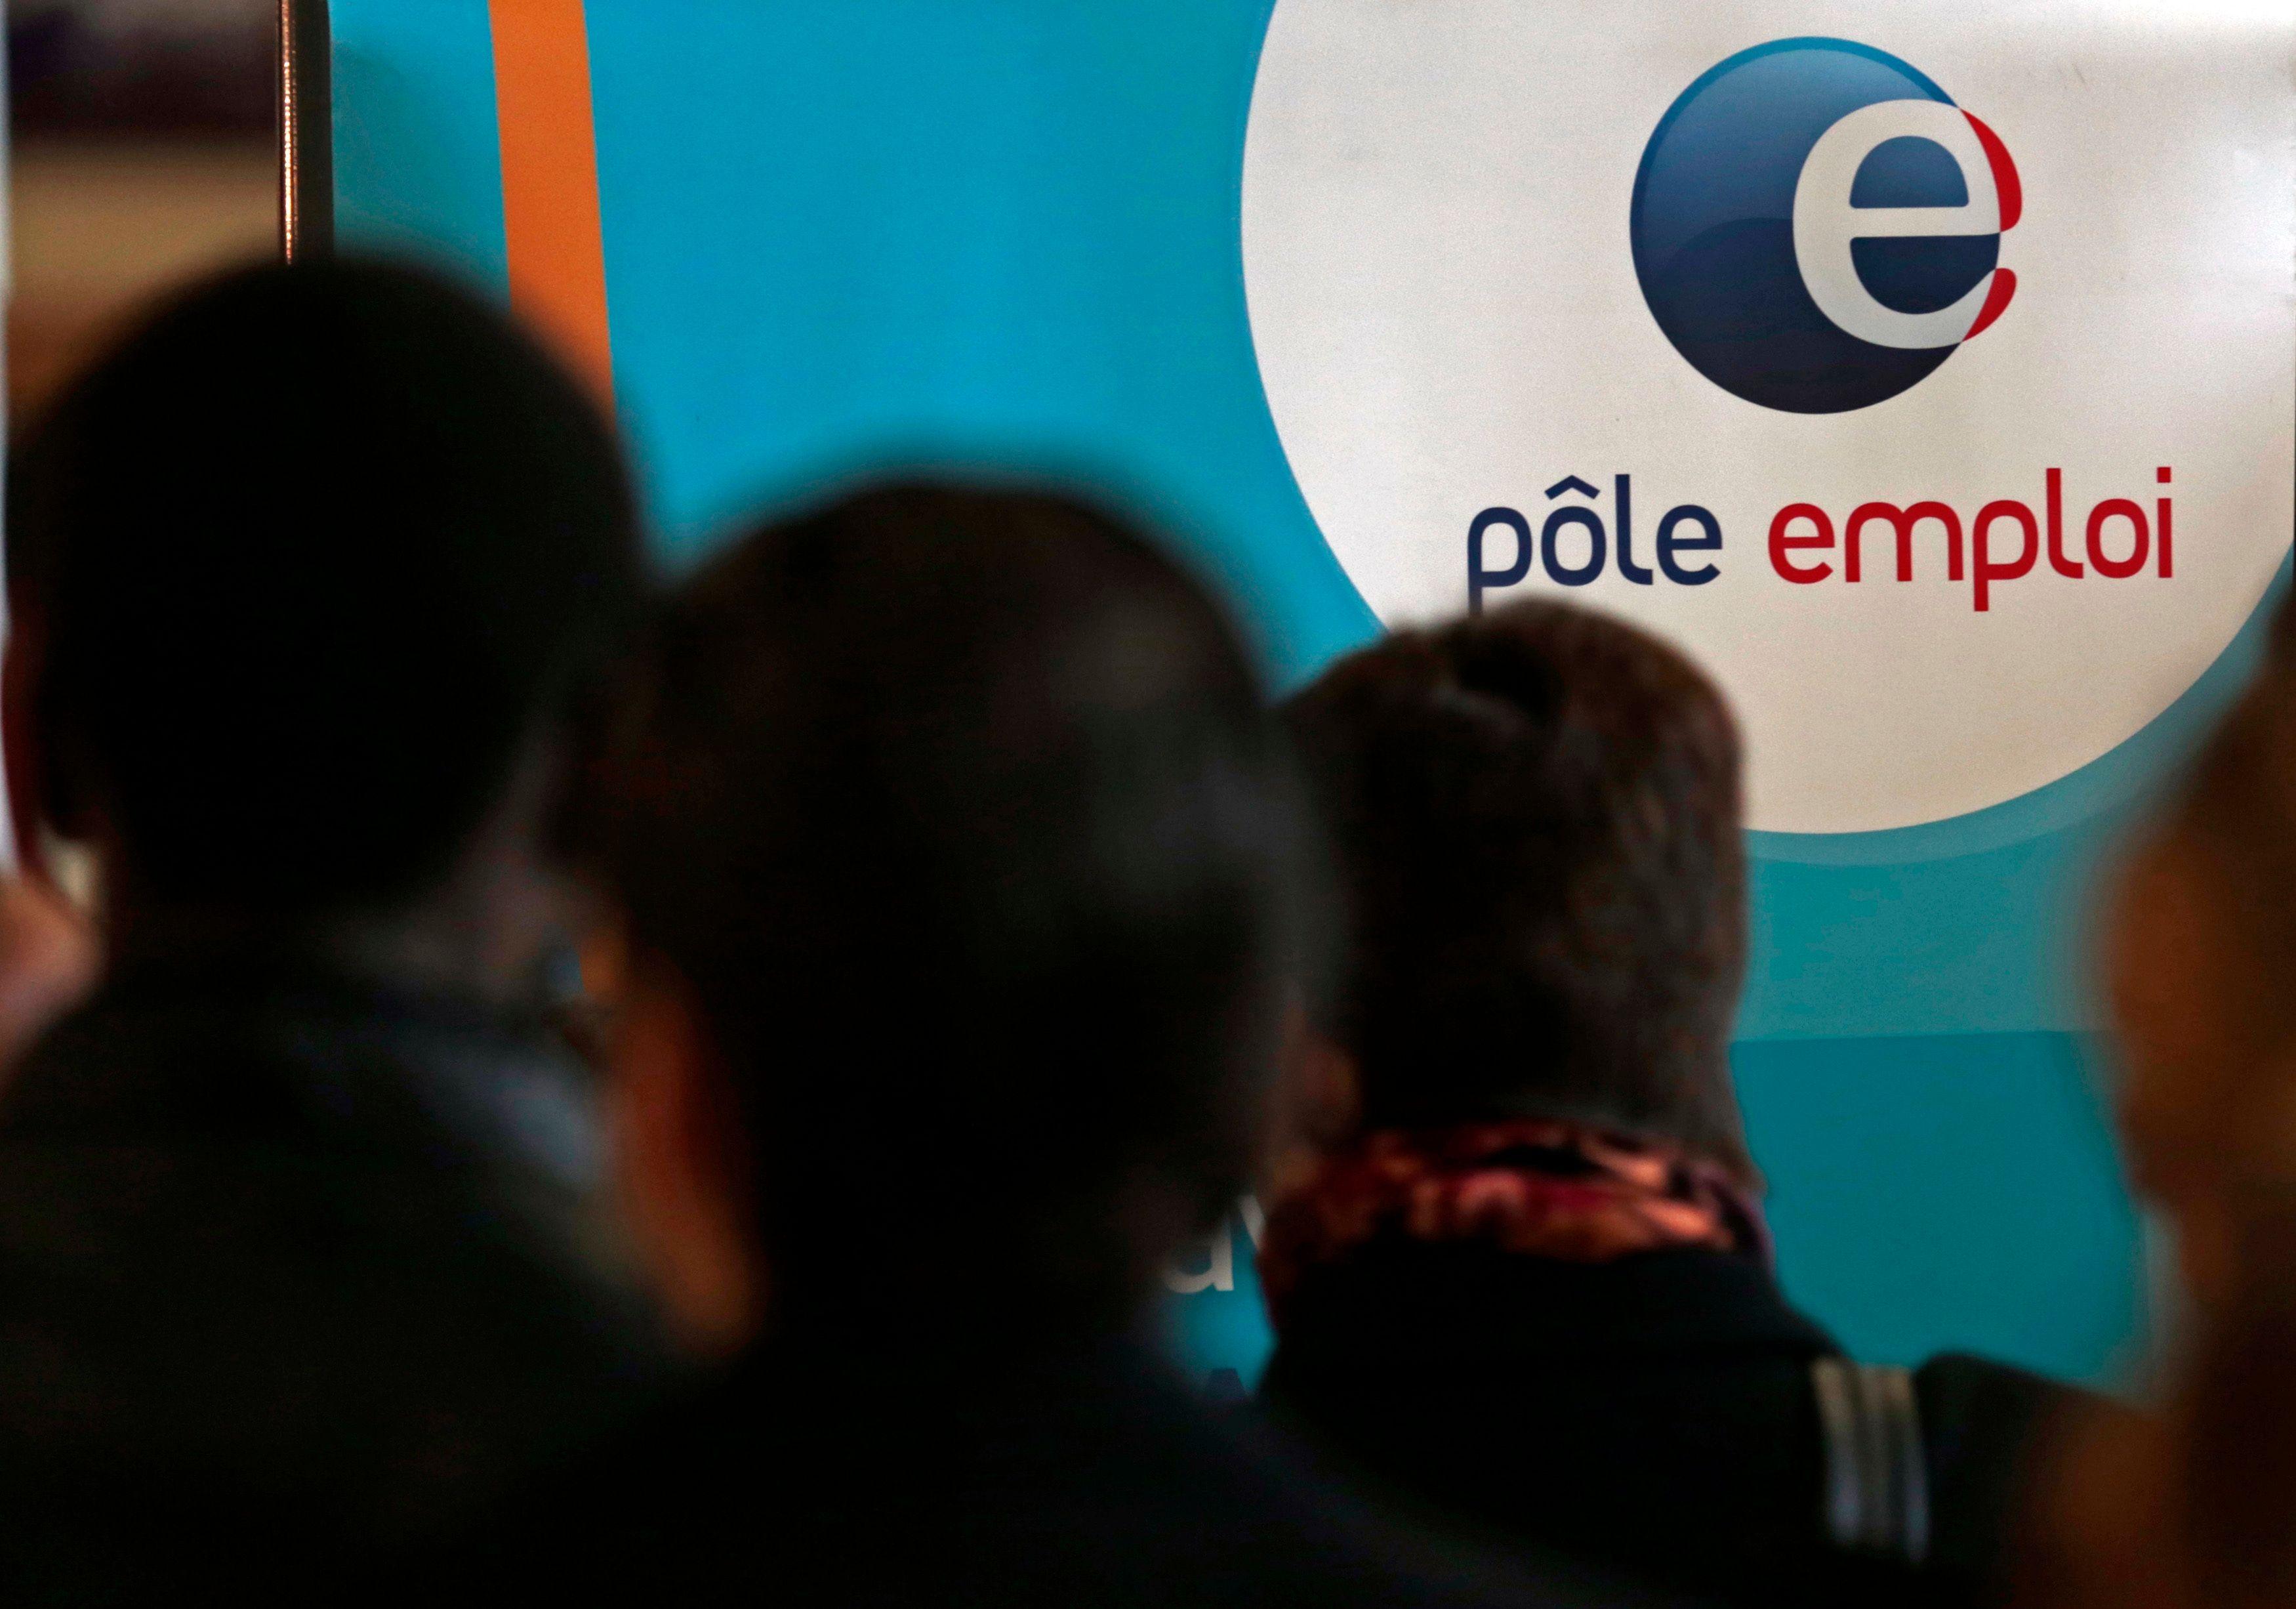 Selon l'Insee, le taux de chômage a baissé de 0,1 point au 4ème trimestre 2013, à 9,8 % de la population active en métropole.